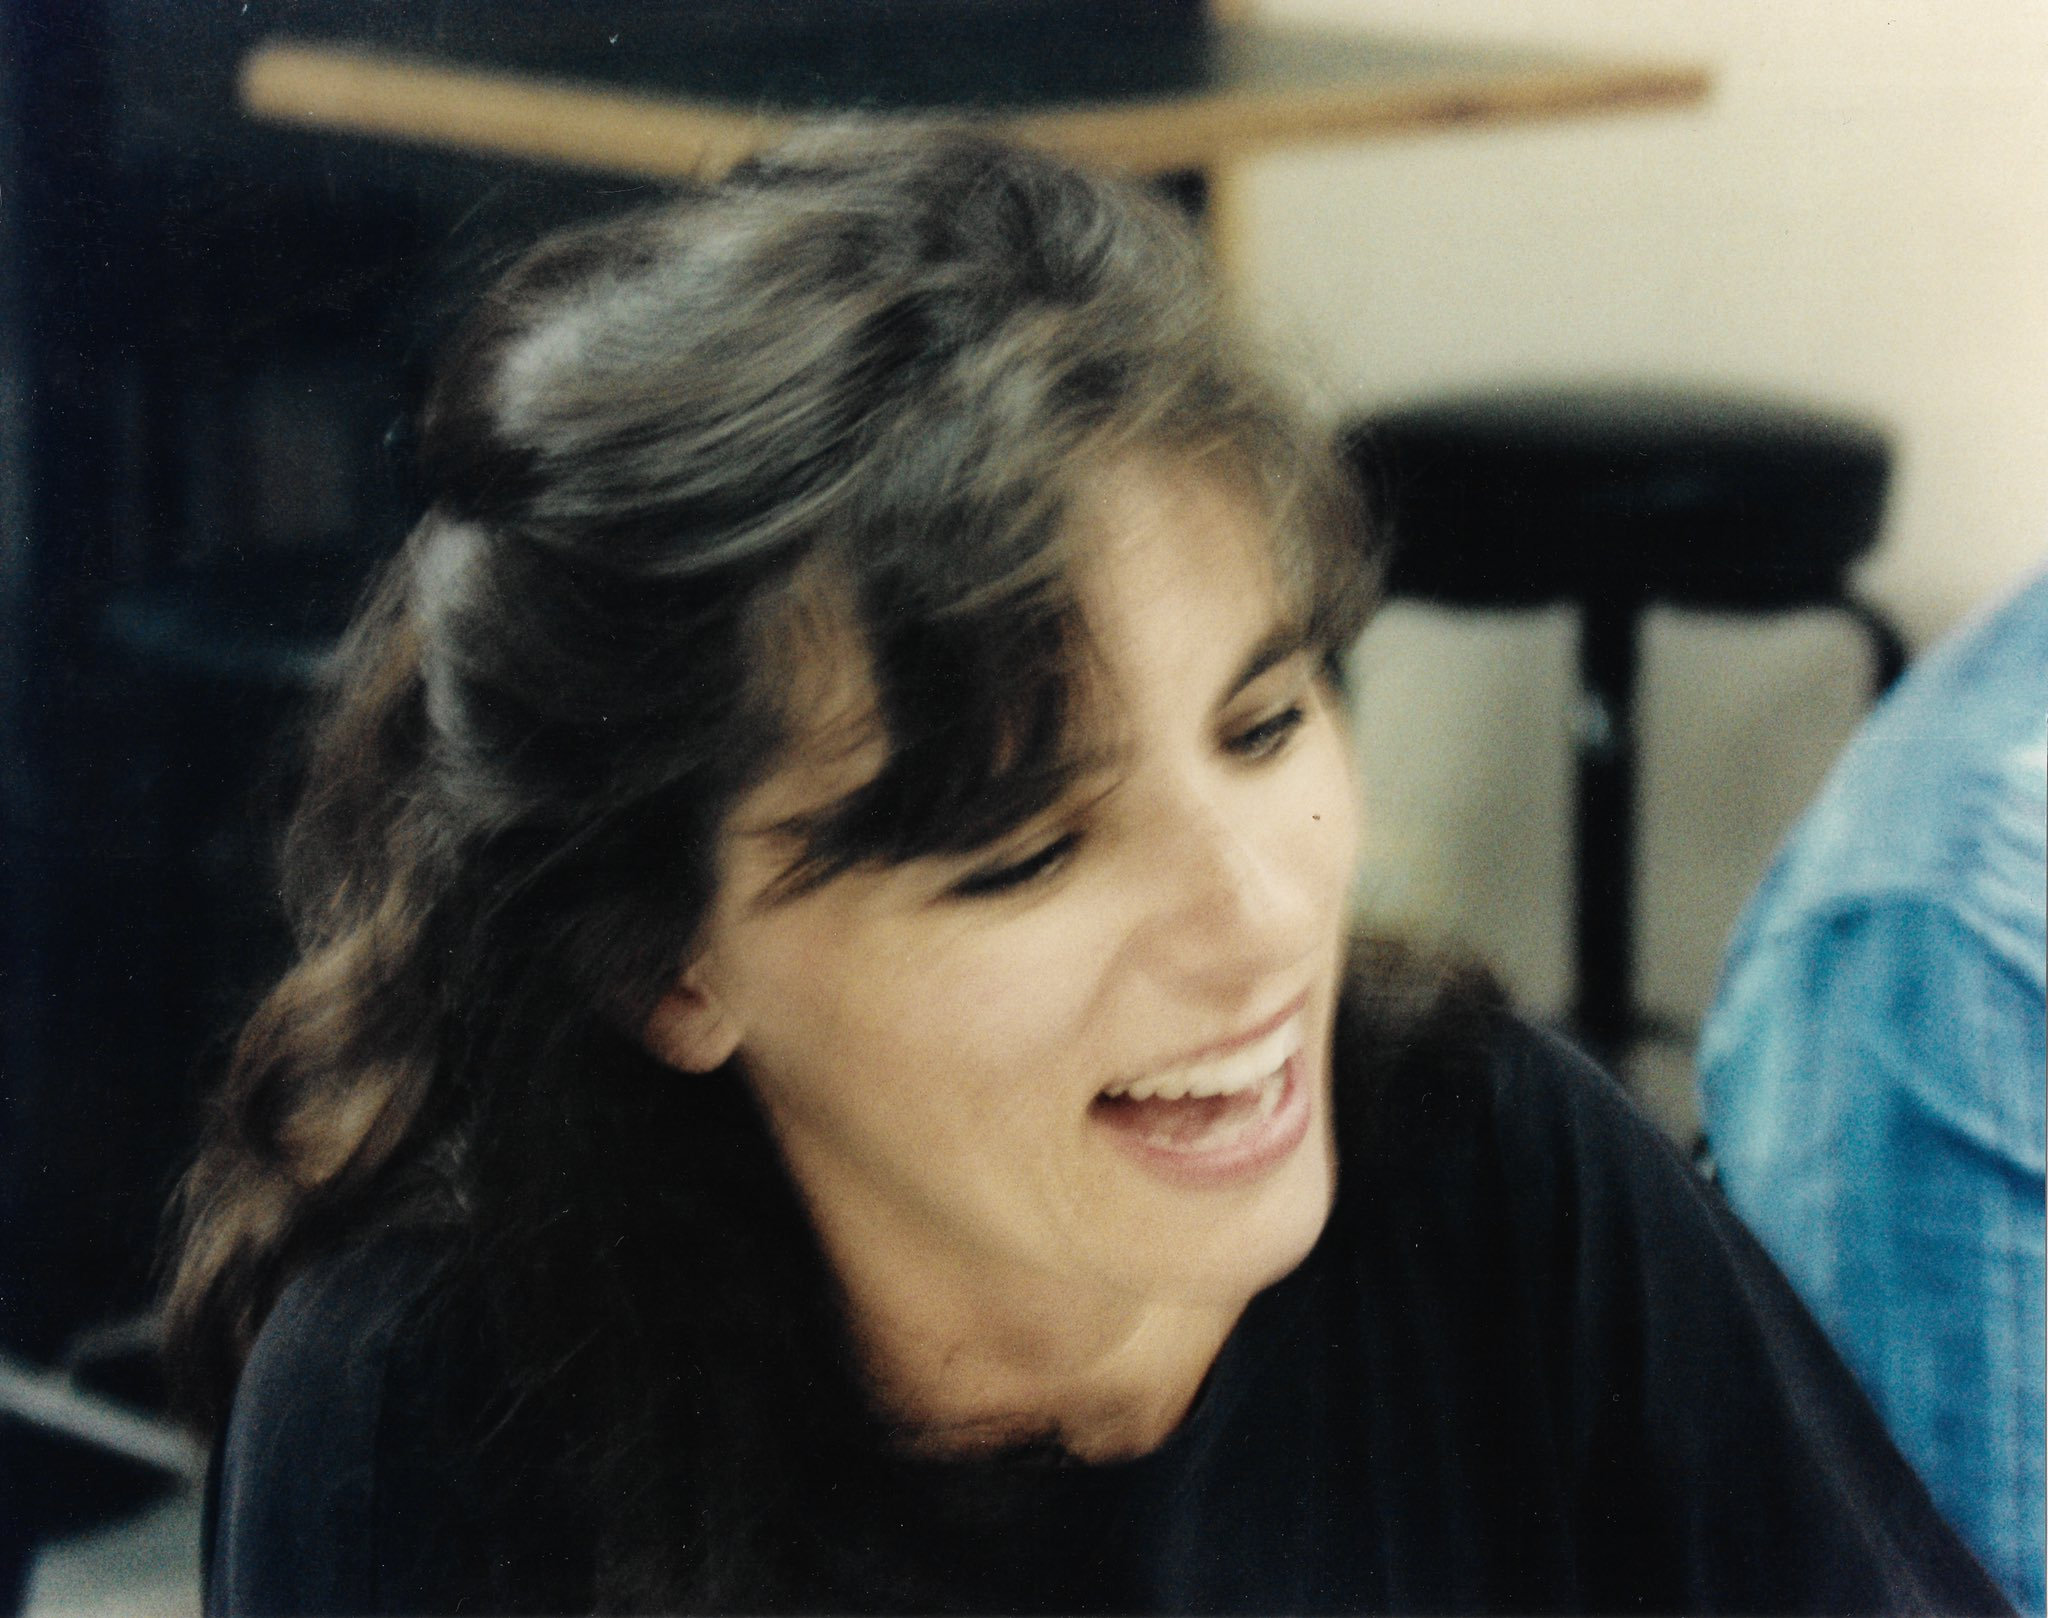 """Mira Furlan è morta a 65 anni: il commovente messaggio della star di """"Lost"""""""